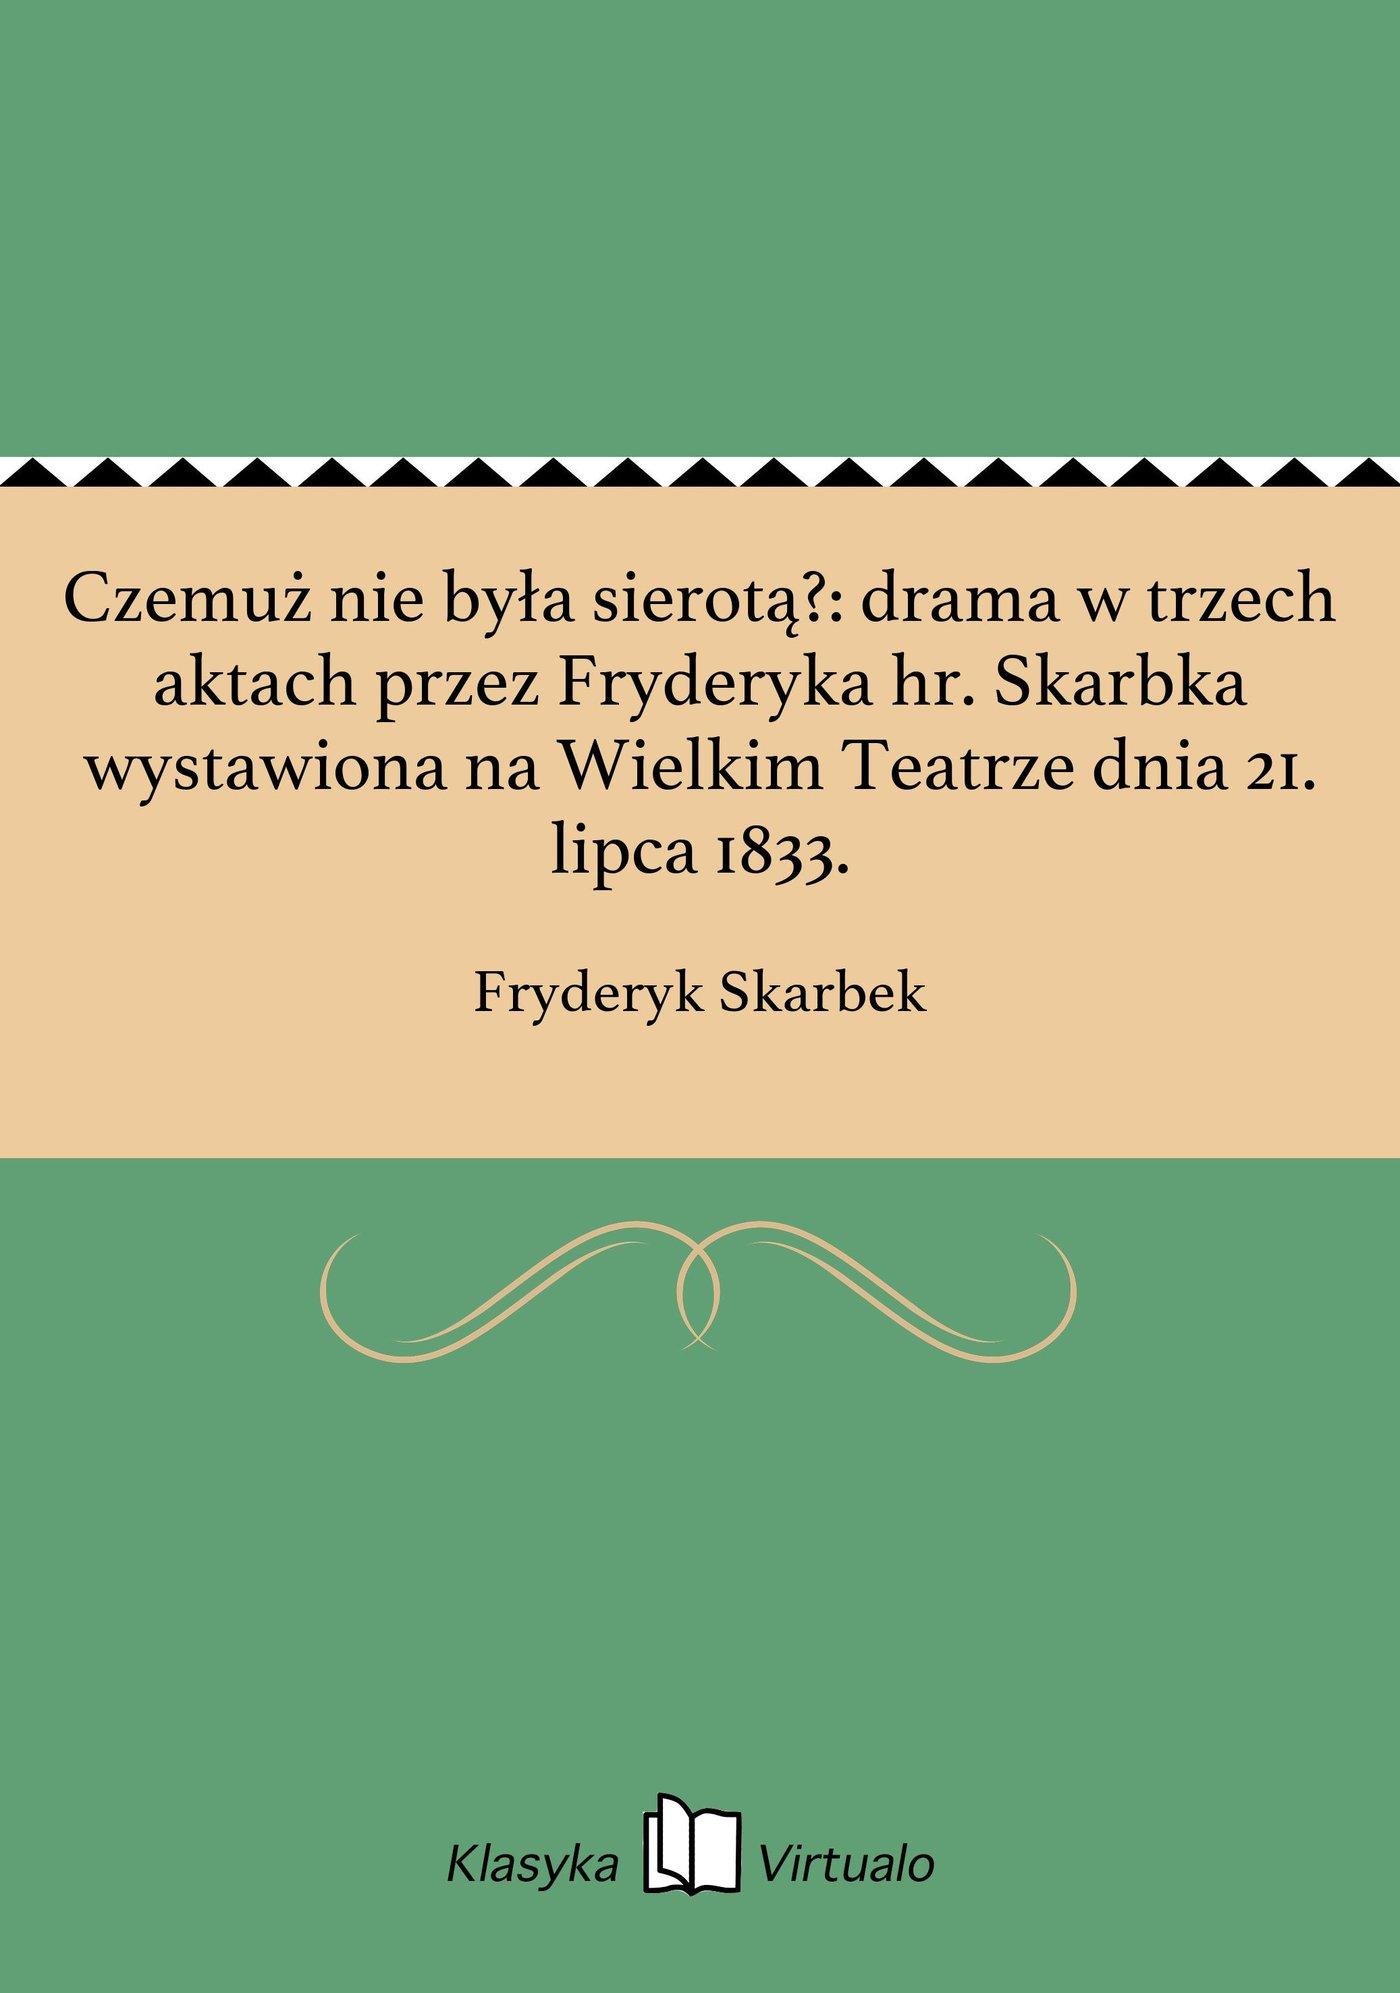 Czemuż nie była sierotą?: drama w trzech aktach przez Fryderyka hr. Skarbka wystawiona na Wielkim Teatrze dnia 21. lipca 1833. - Ebook (Książka EPUB) do pobrania w formacie EPUB